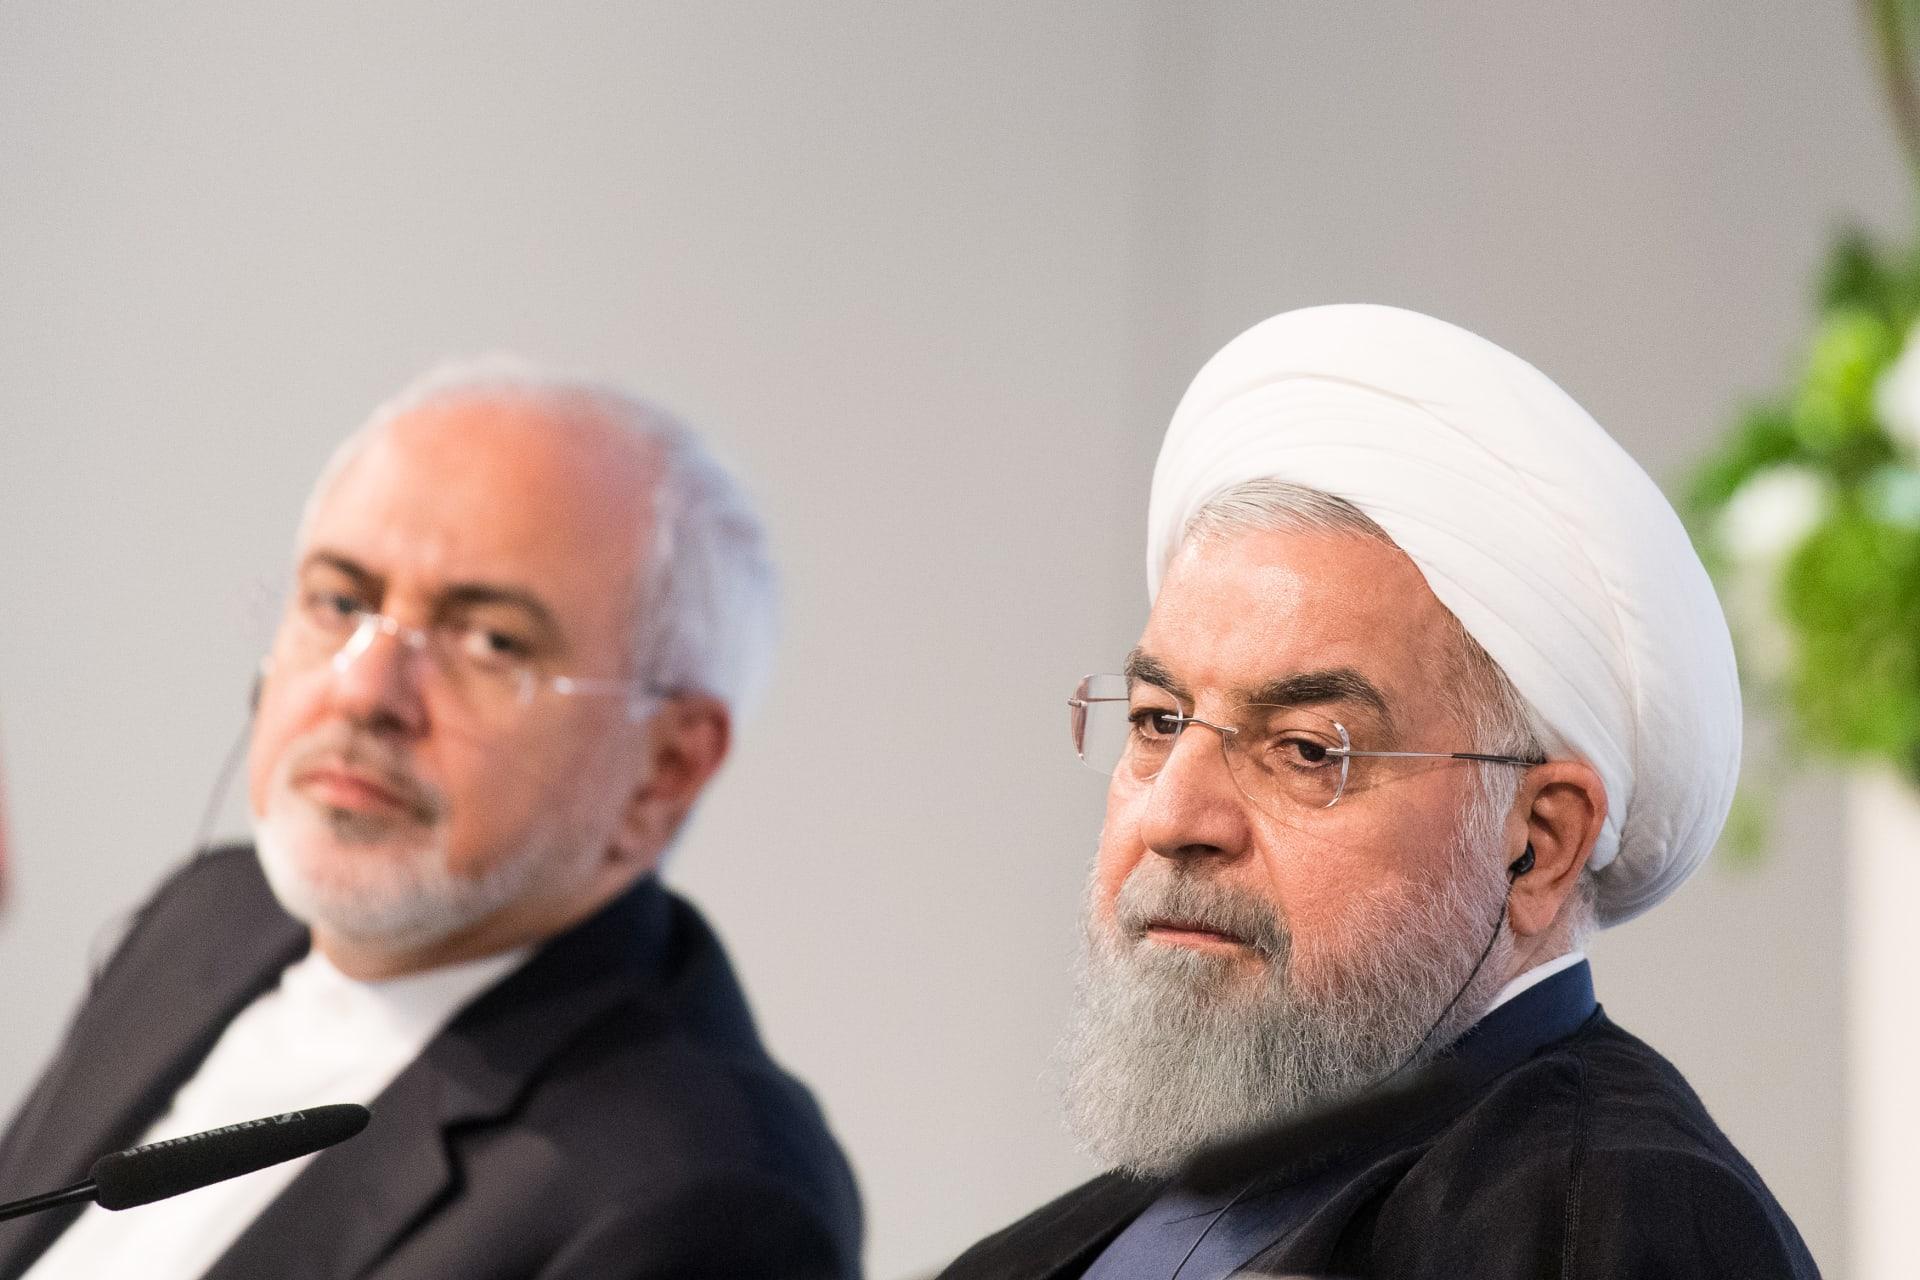 روحاني يشكر ظريف دون الحديث عن استقالته.. ورئيس لجنة الأمن القومي يطالب باستمراره